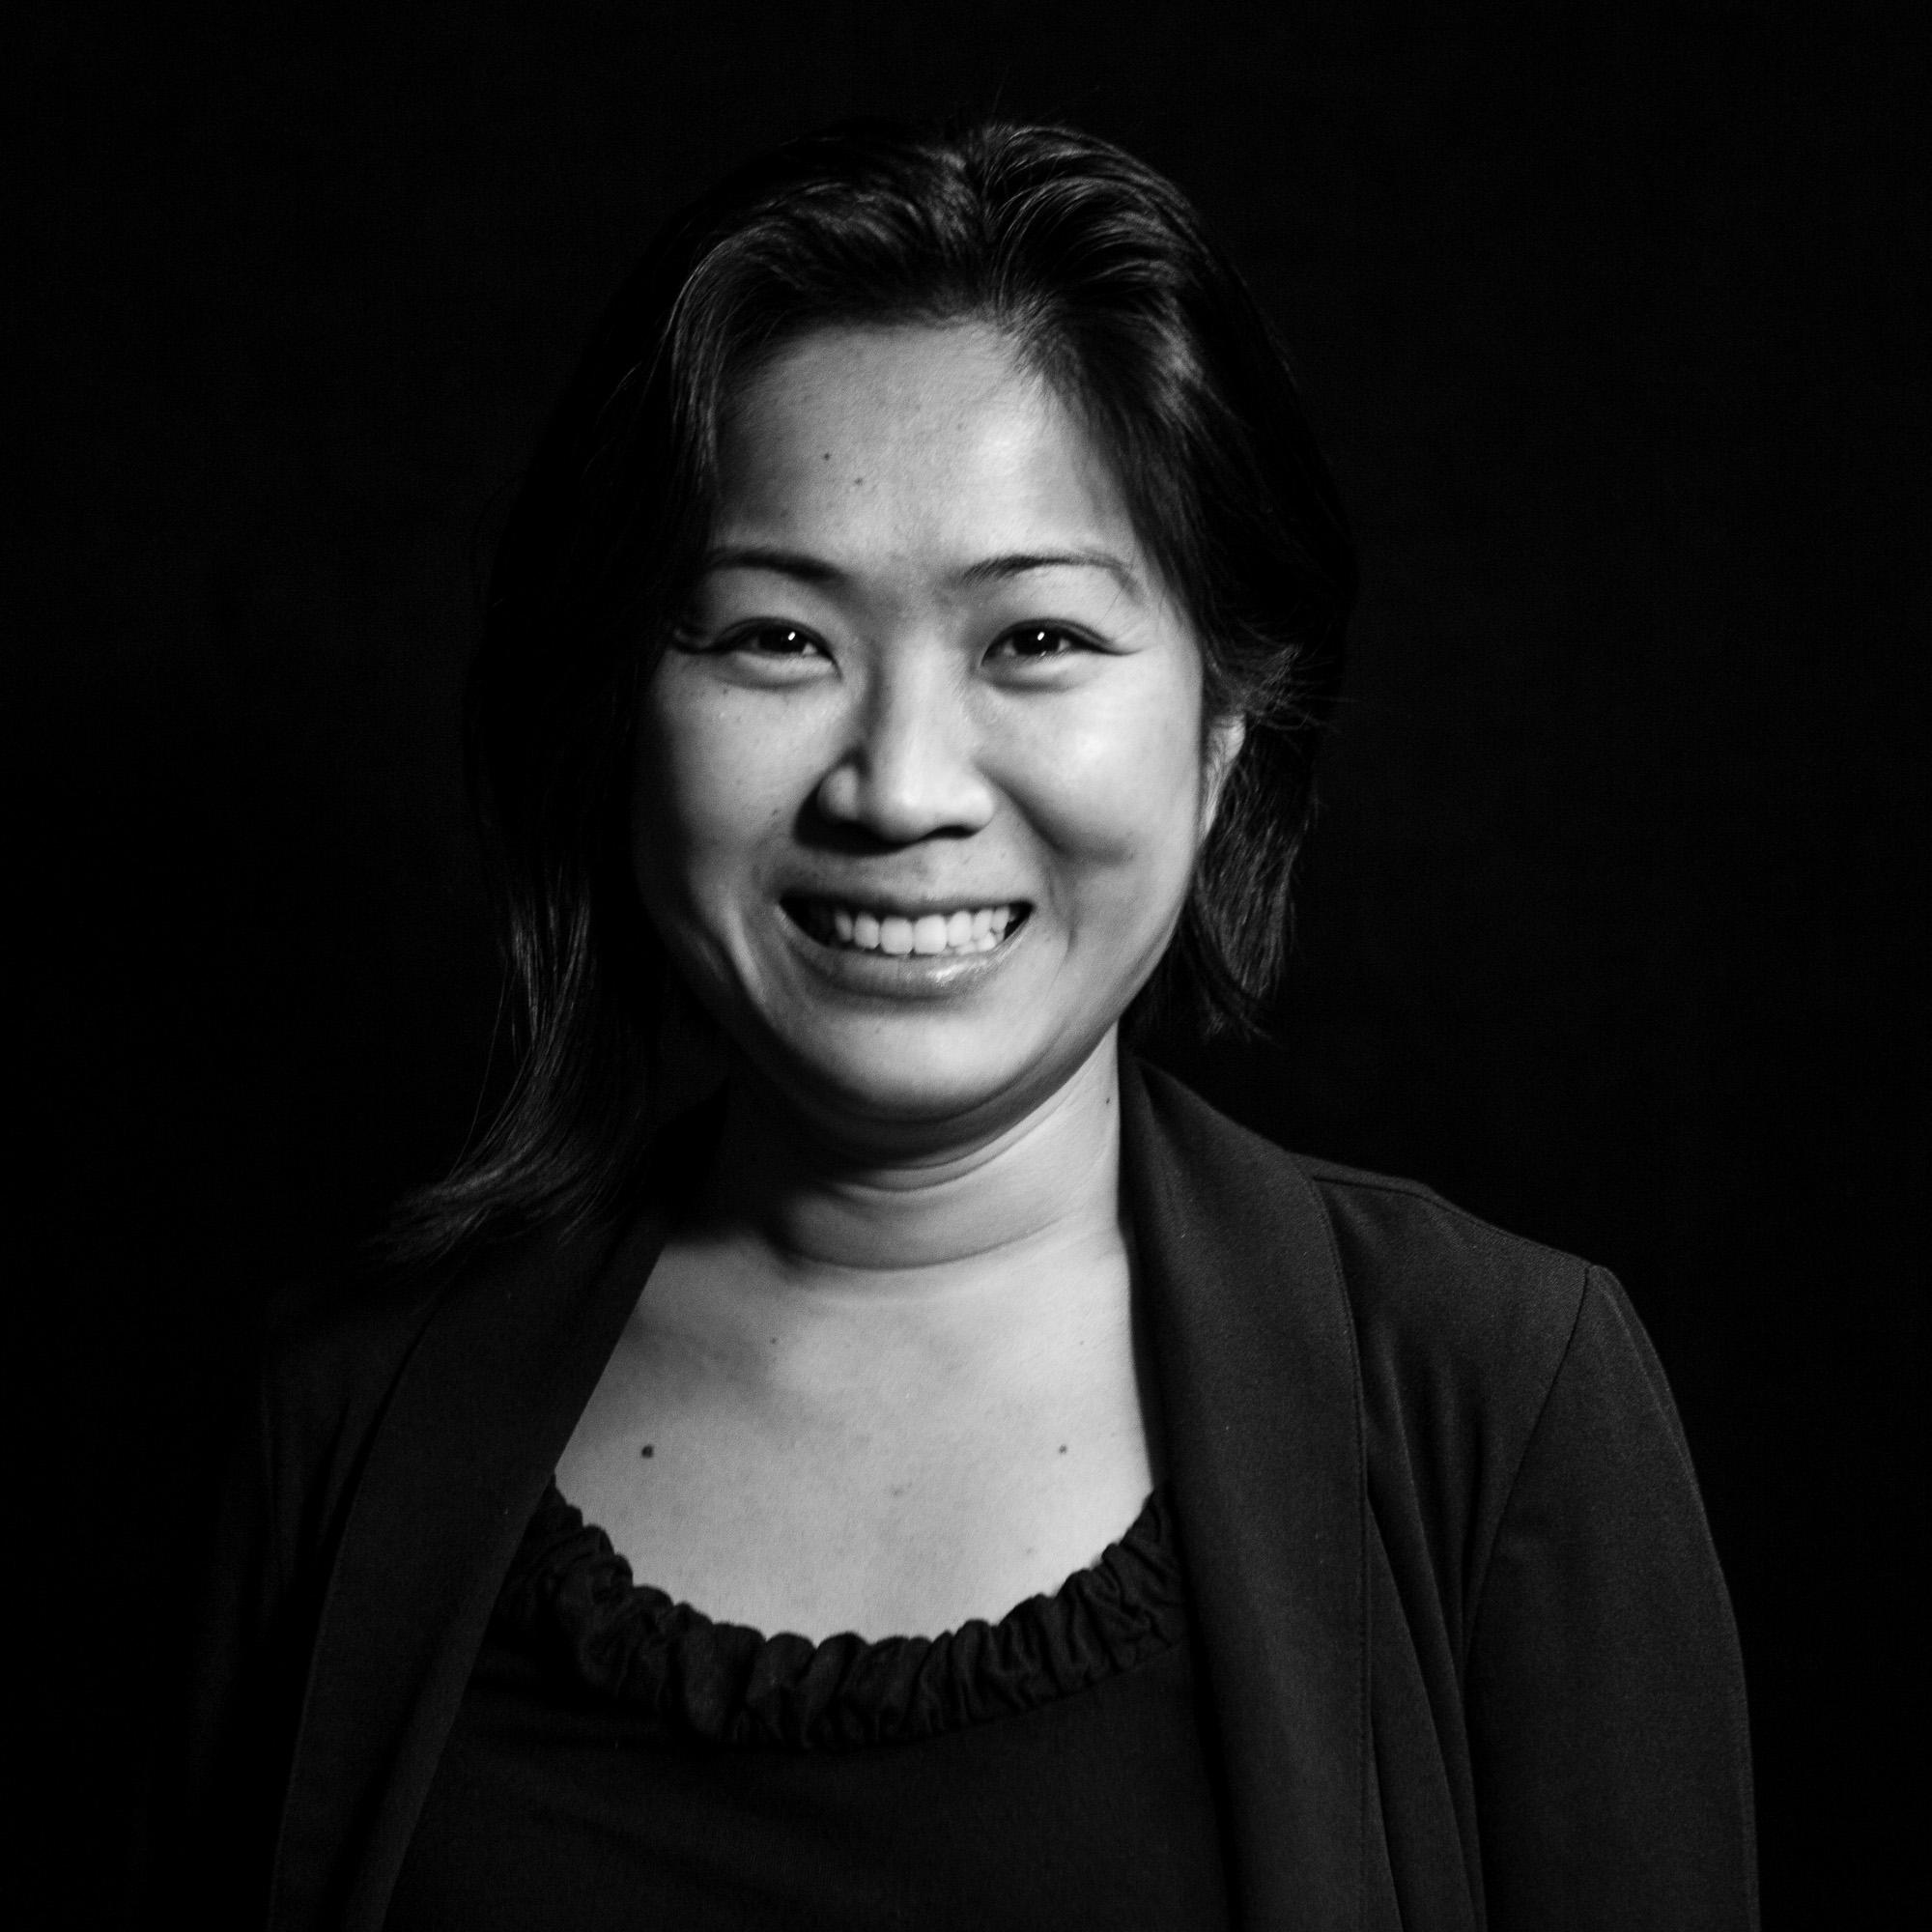 Helen Chung